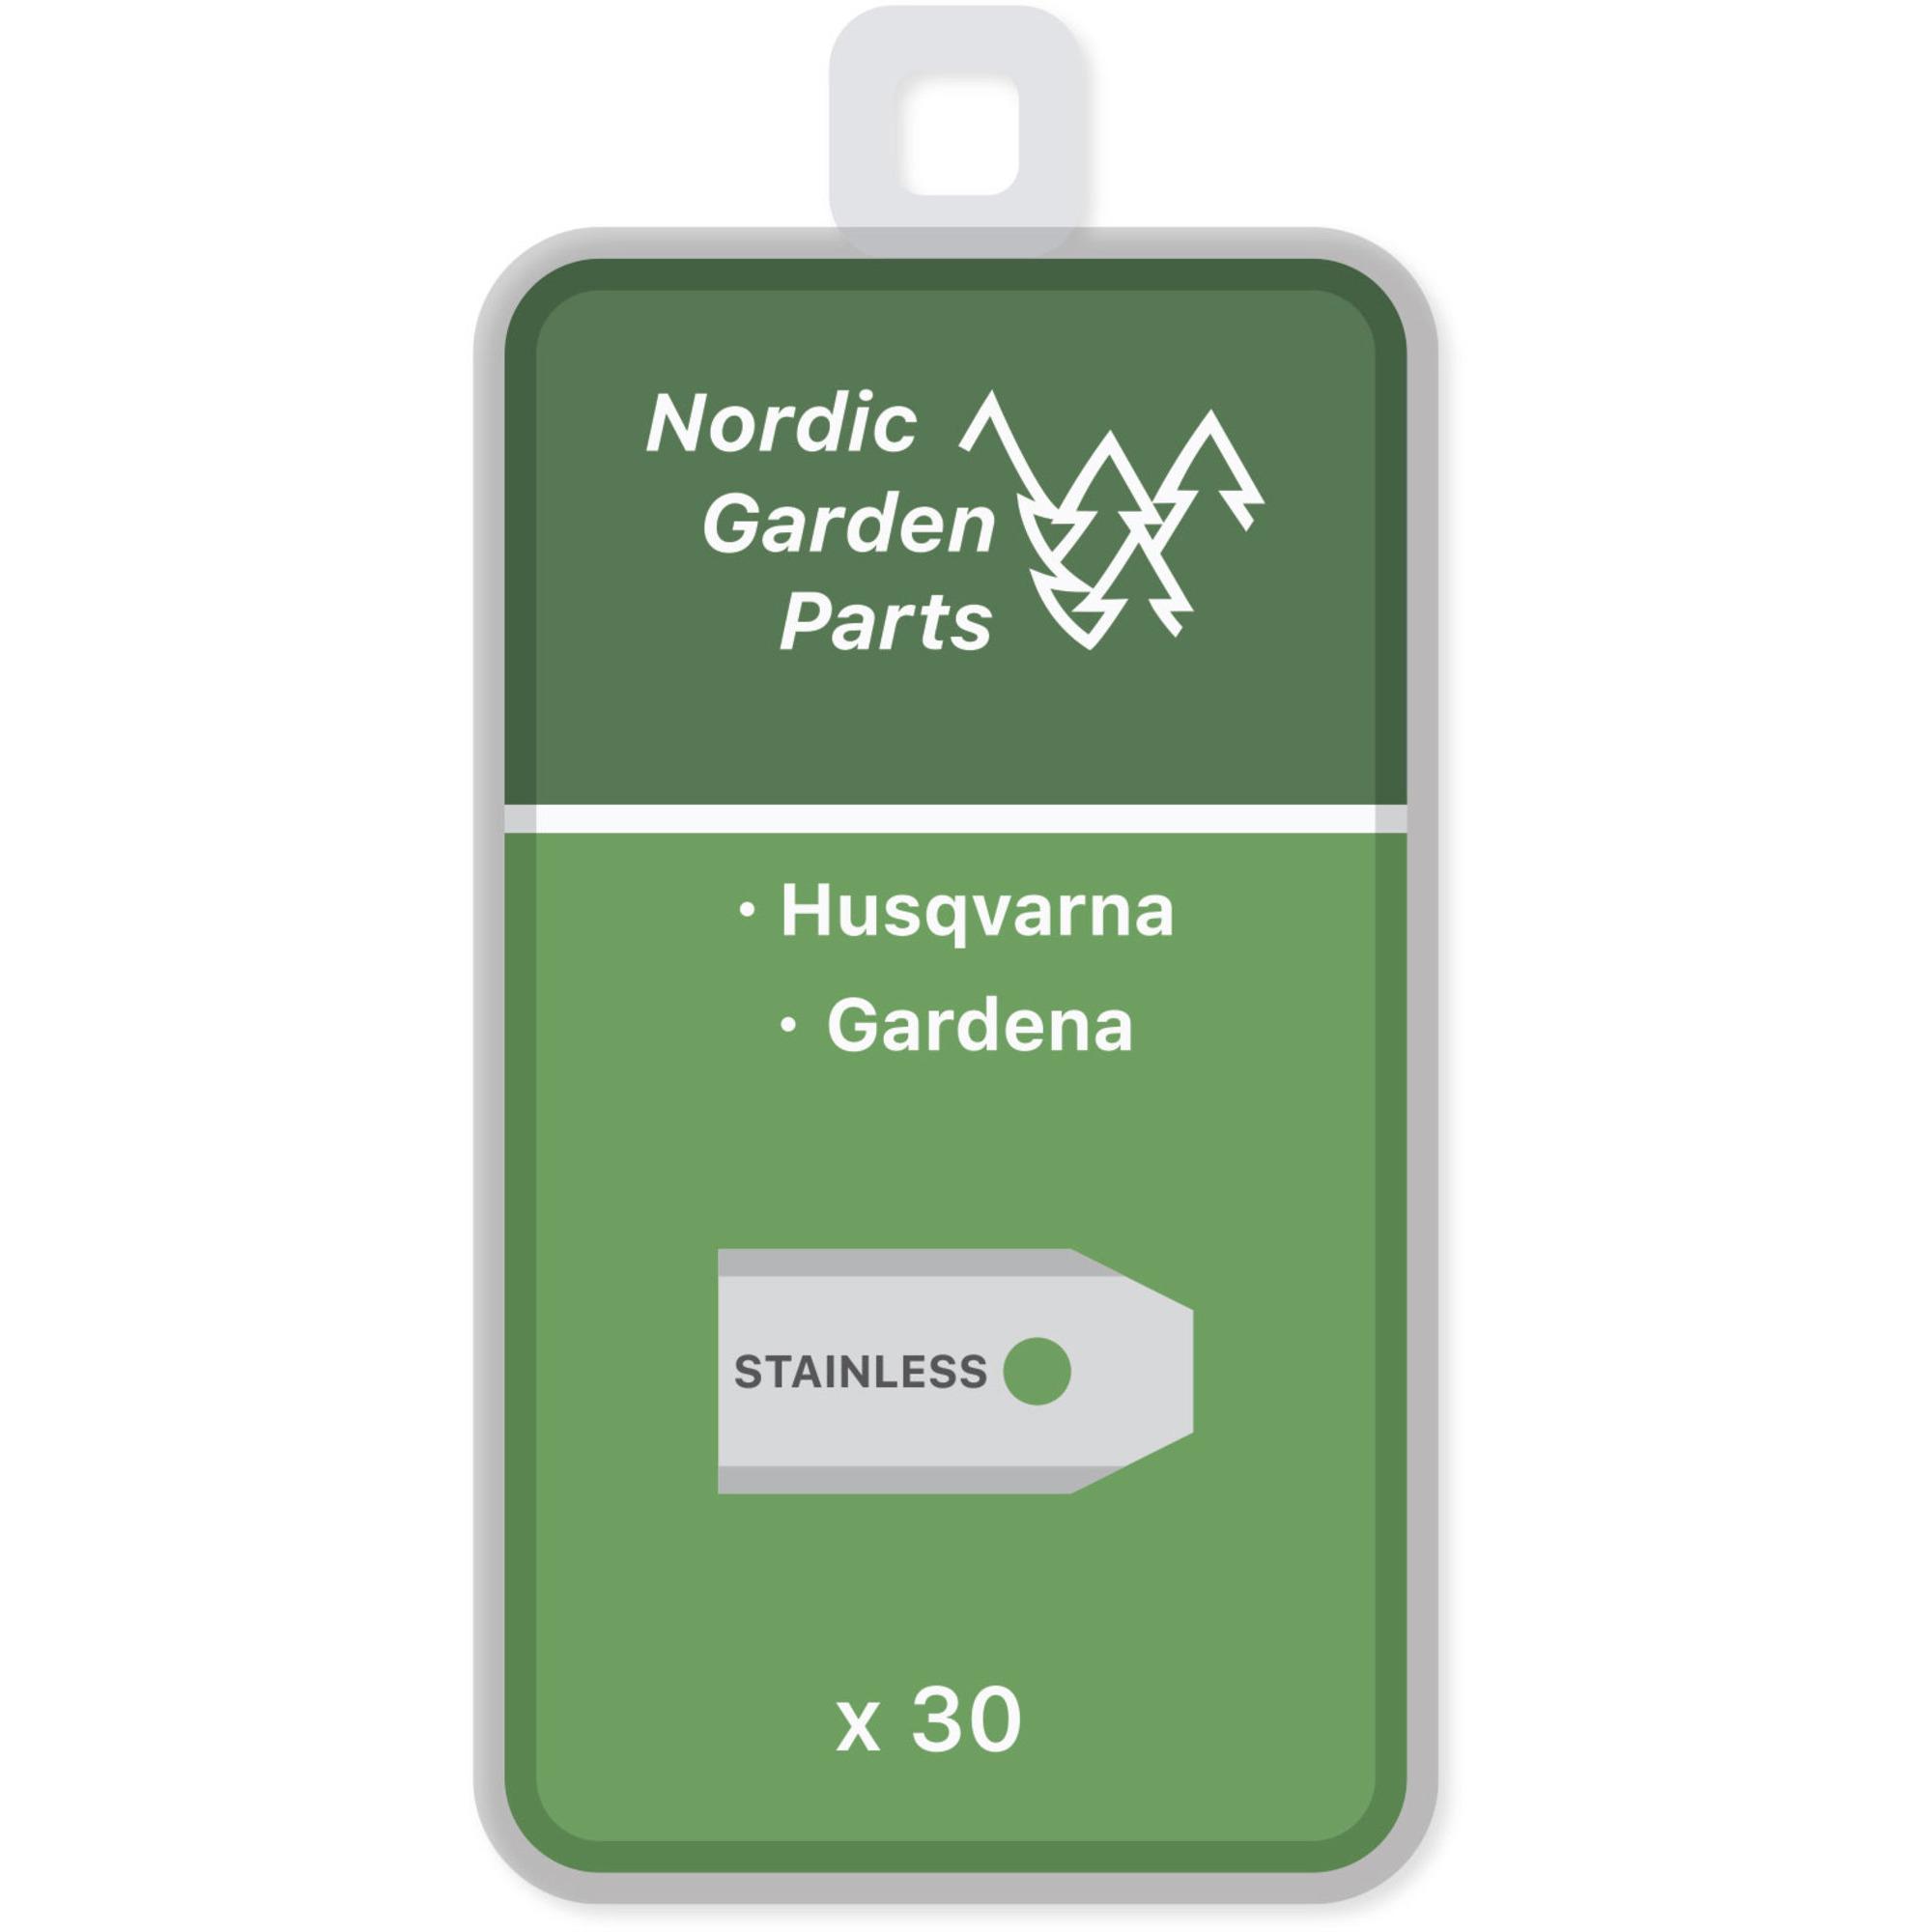 Nordic Garden Parts Kniv till Husqvarna och Gardena robotgräsklippare, 30 st.